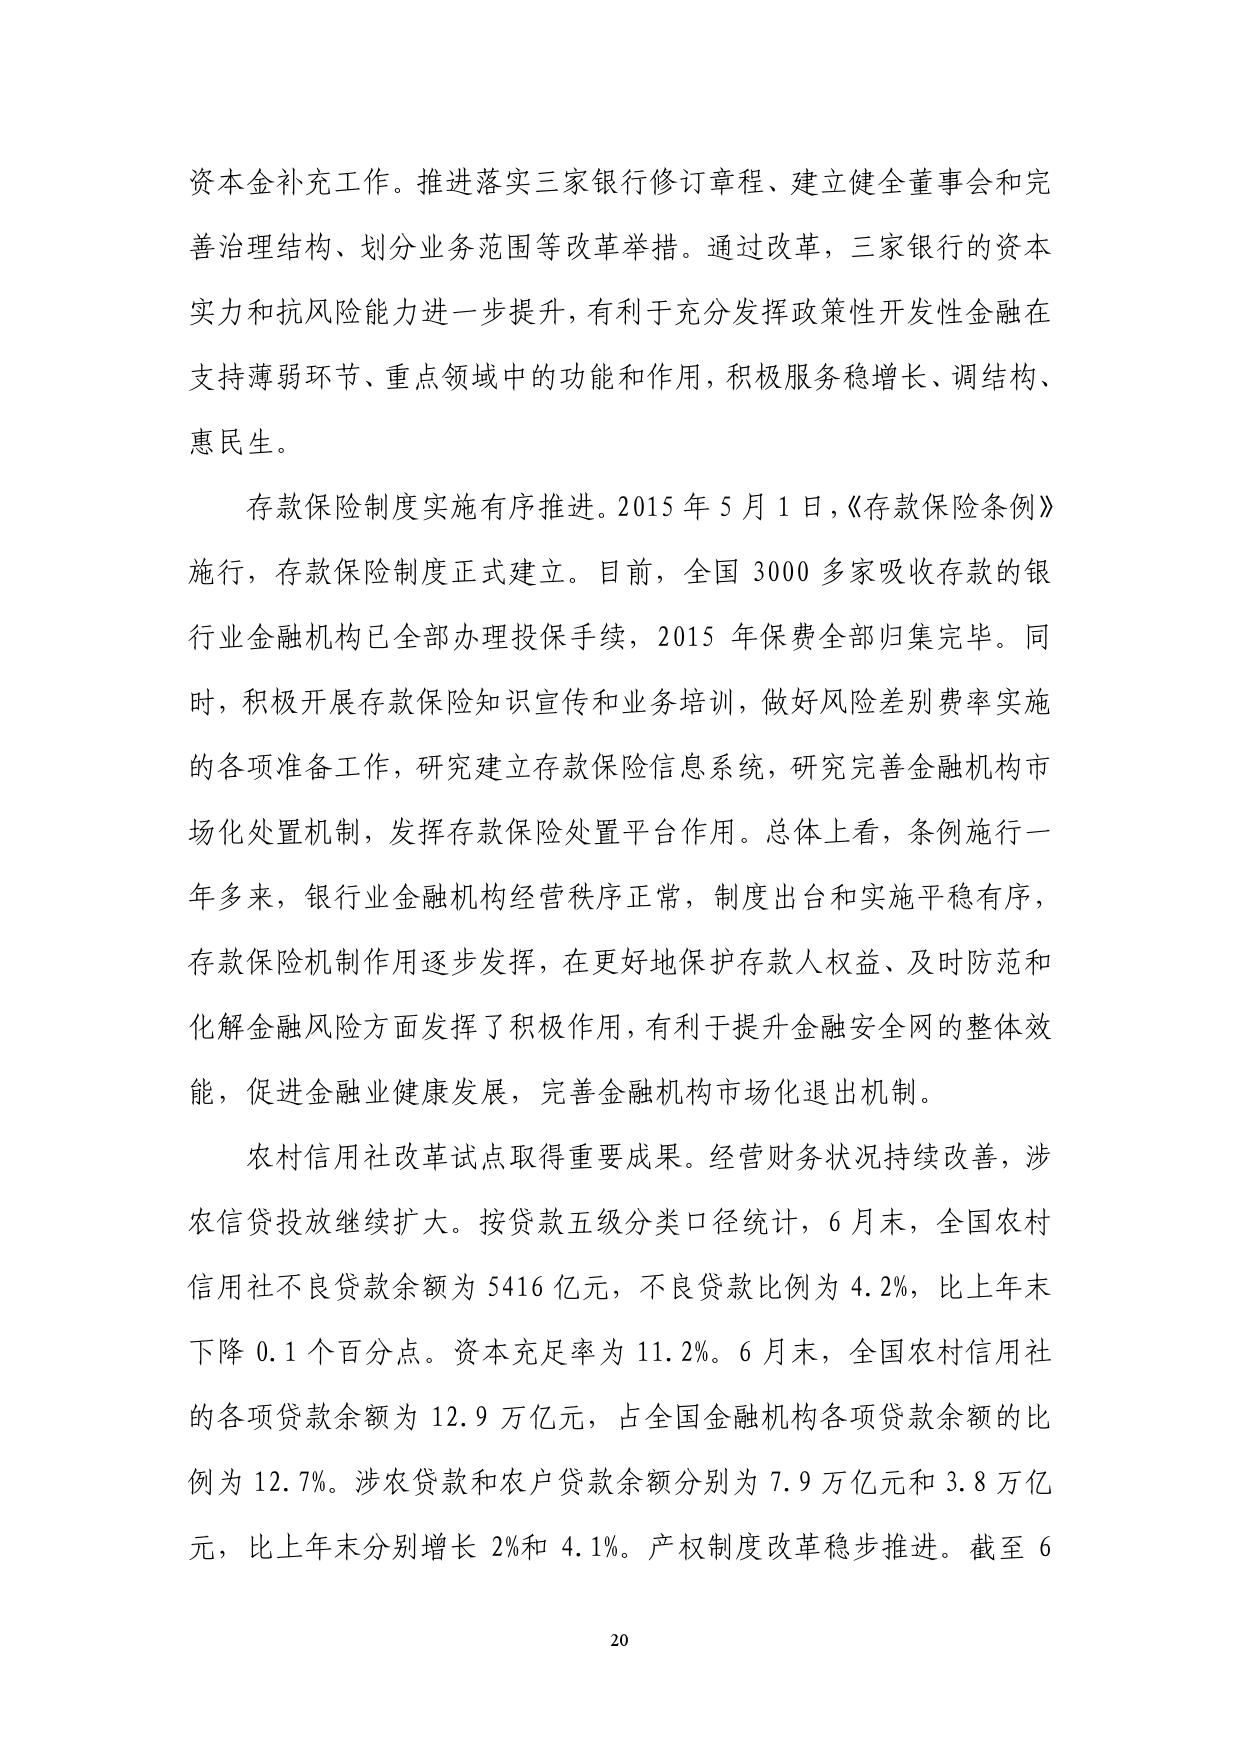 2016年Q2中国货币政策执行报告_000026